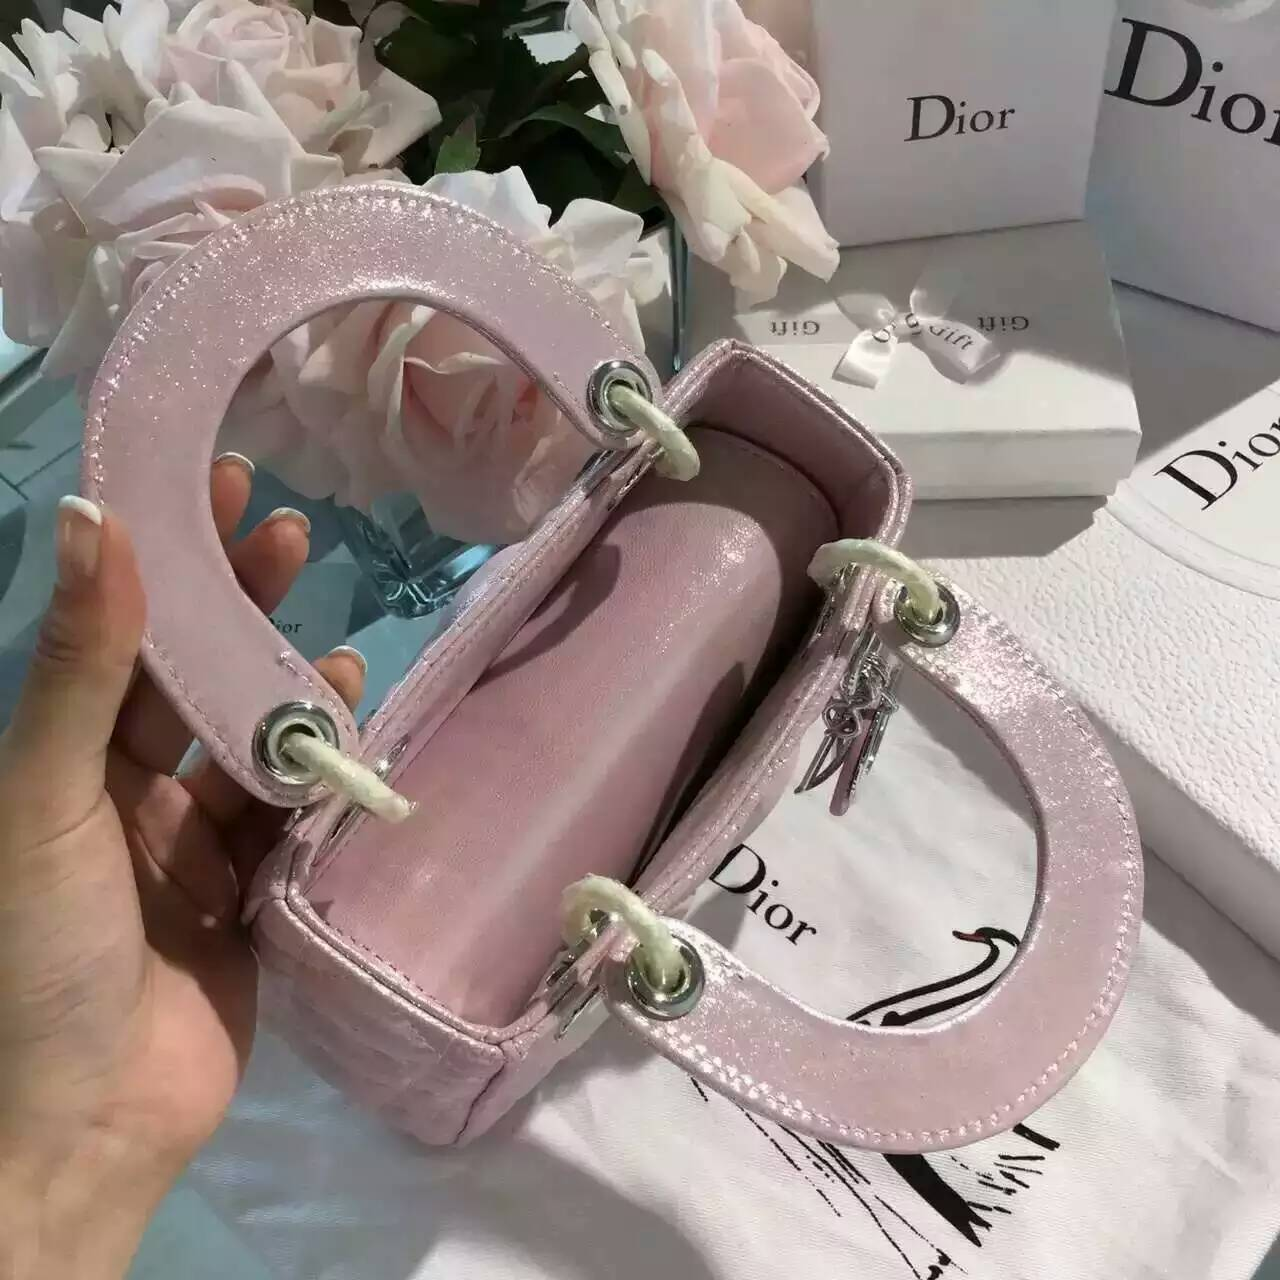 真皮包包批发 Christian Dior 迪奥浅粉色珠光布纹小羊皮三格戴妃包